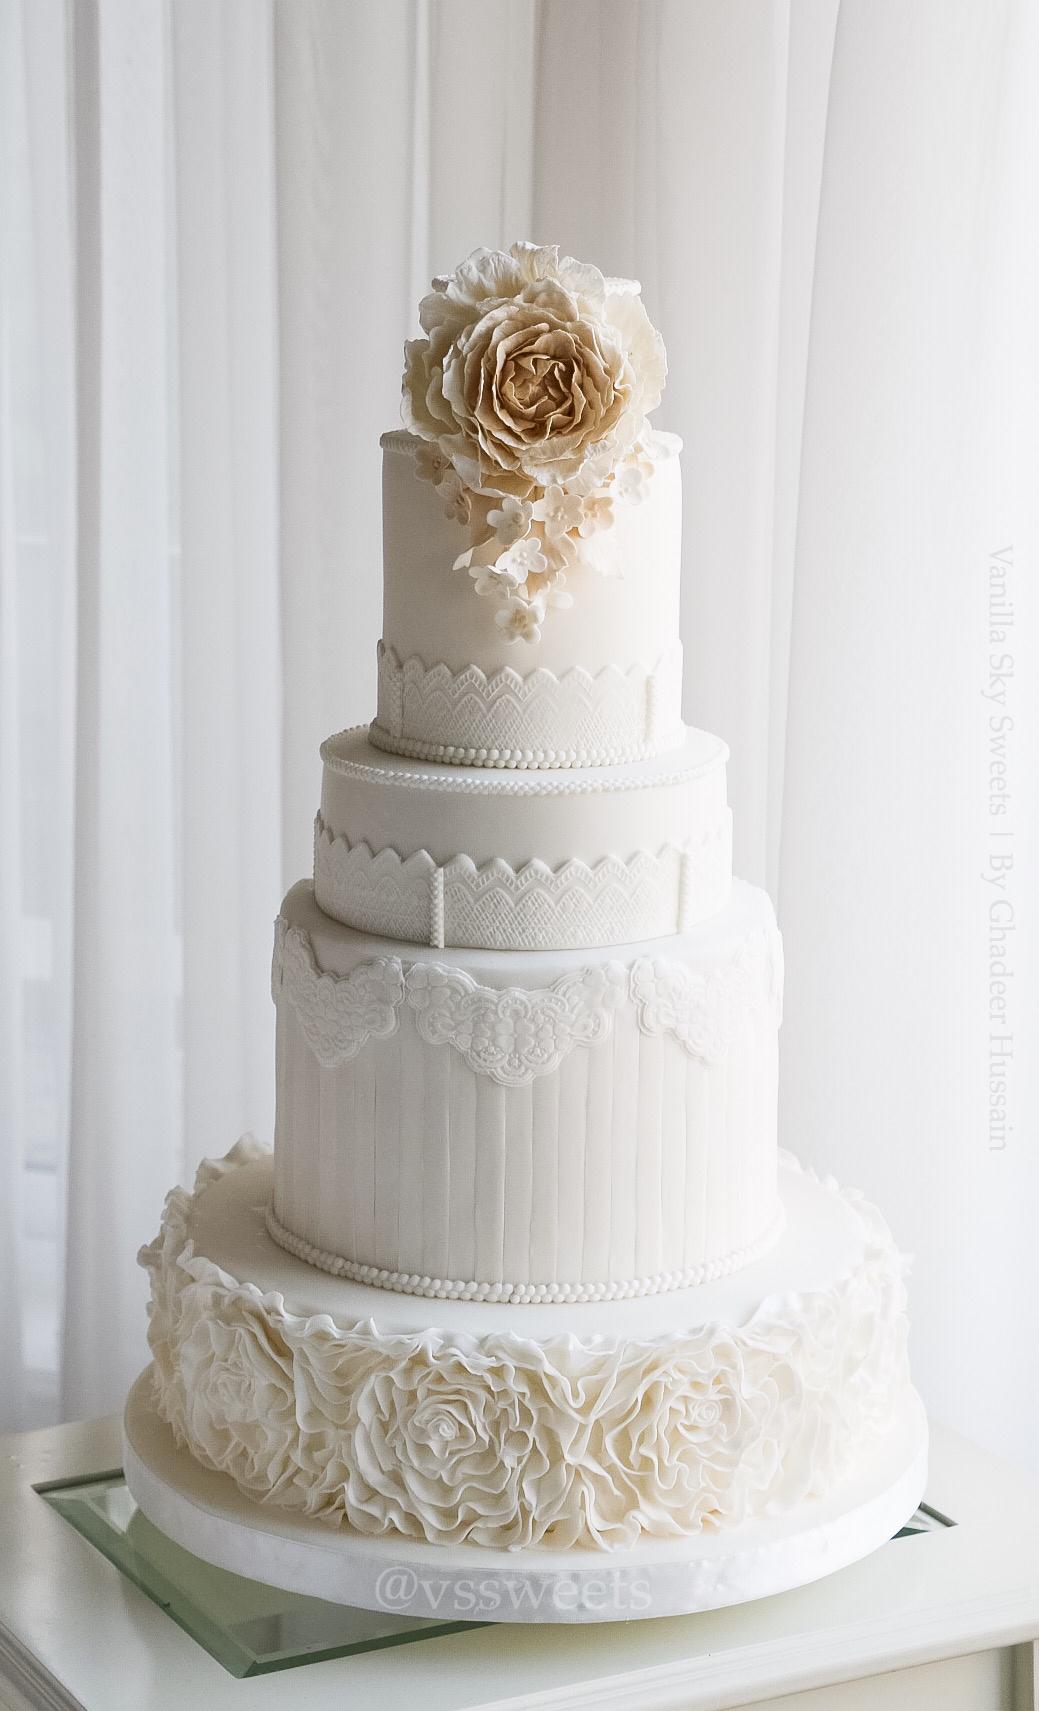 White and Ivory Ruffle Wedding